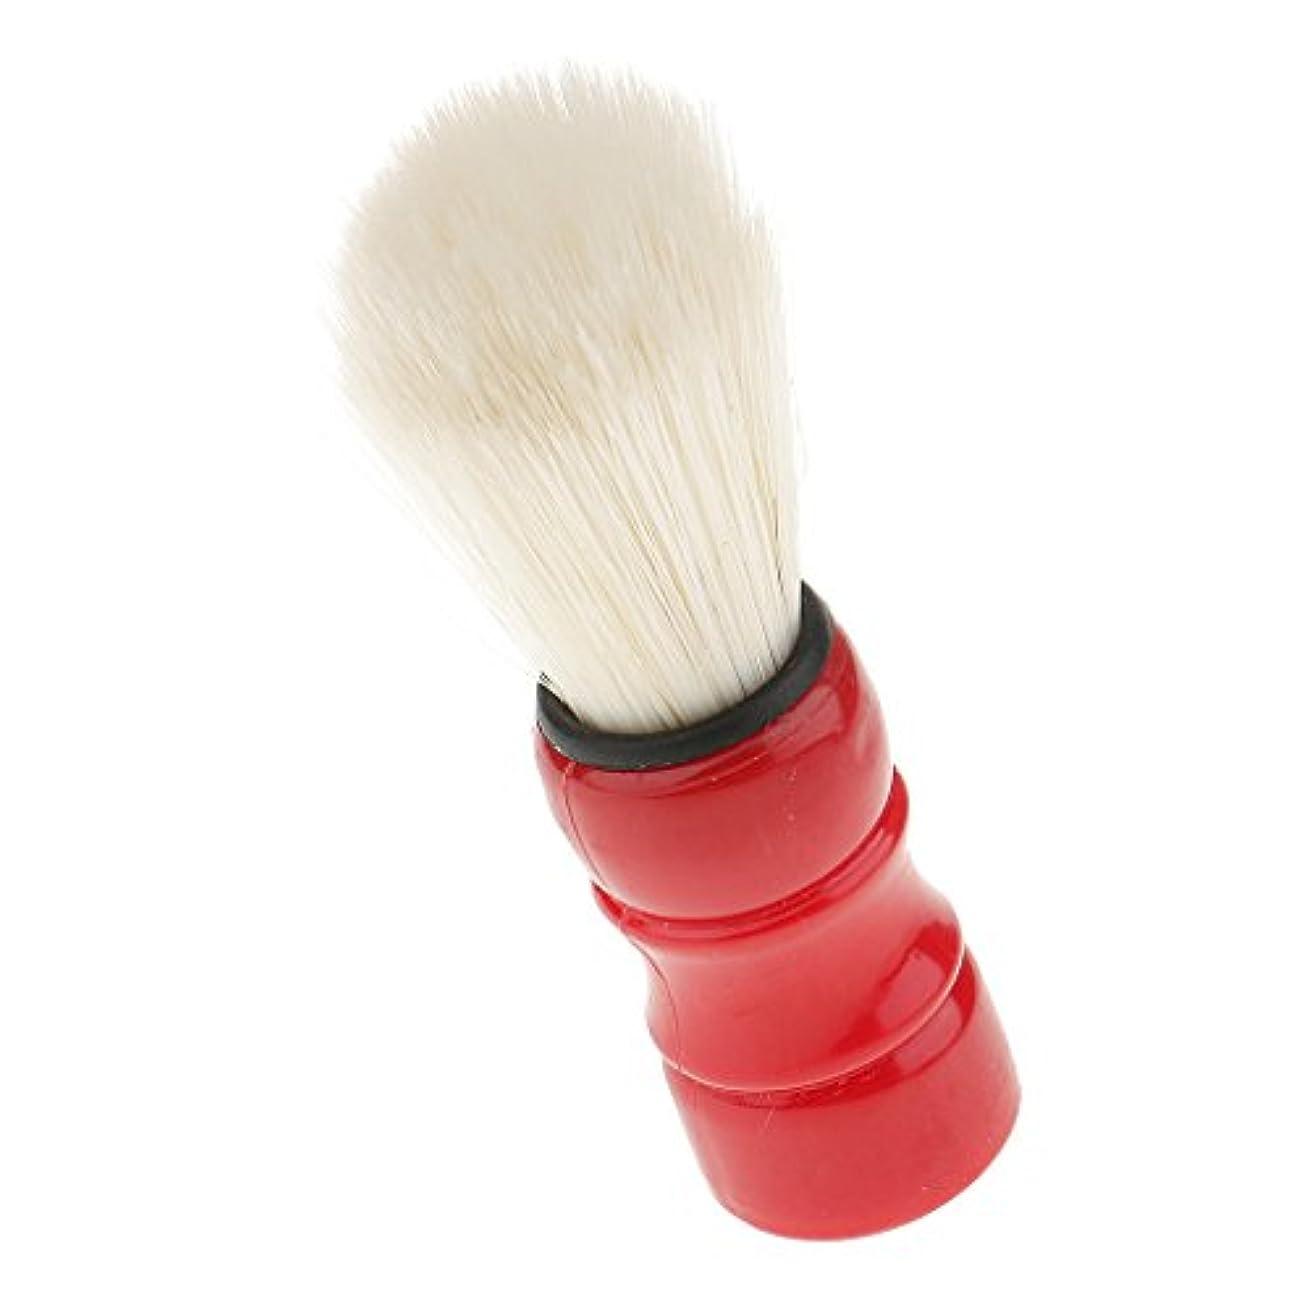 空洞賛美歌削除するchiwanji メンズ 髭 口ひげ シェービングブラシ 泡立ち 洗顔ブラシ ナイロン 髭剃りツール 全2色 - レッド